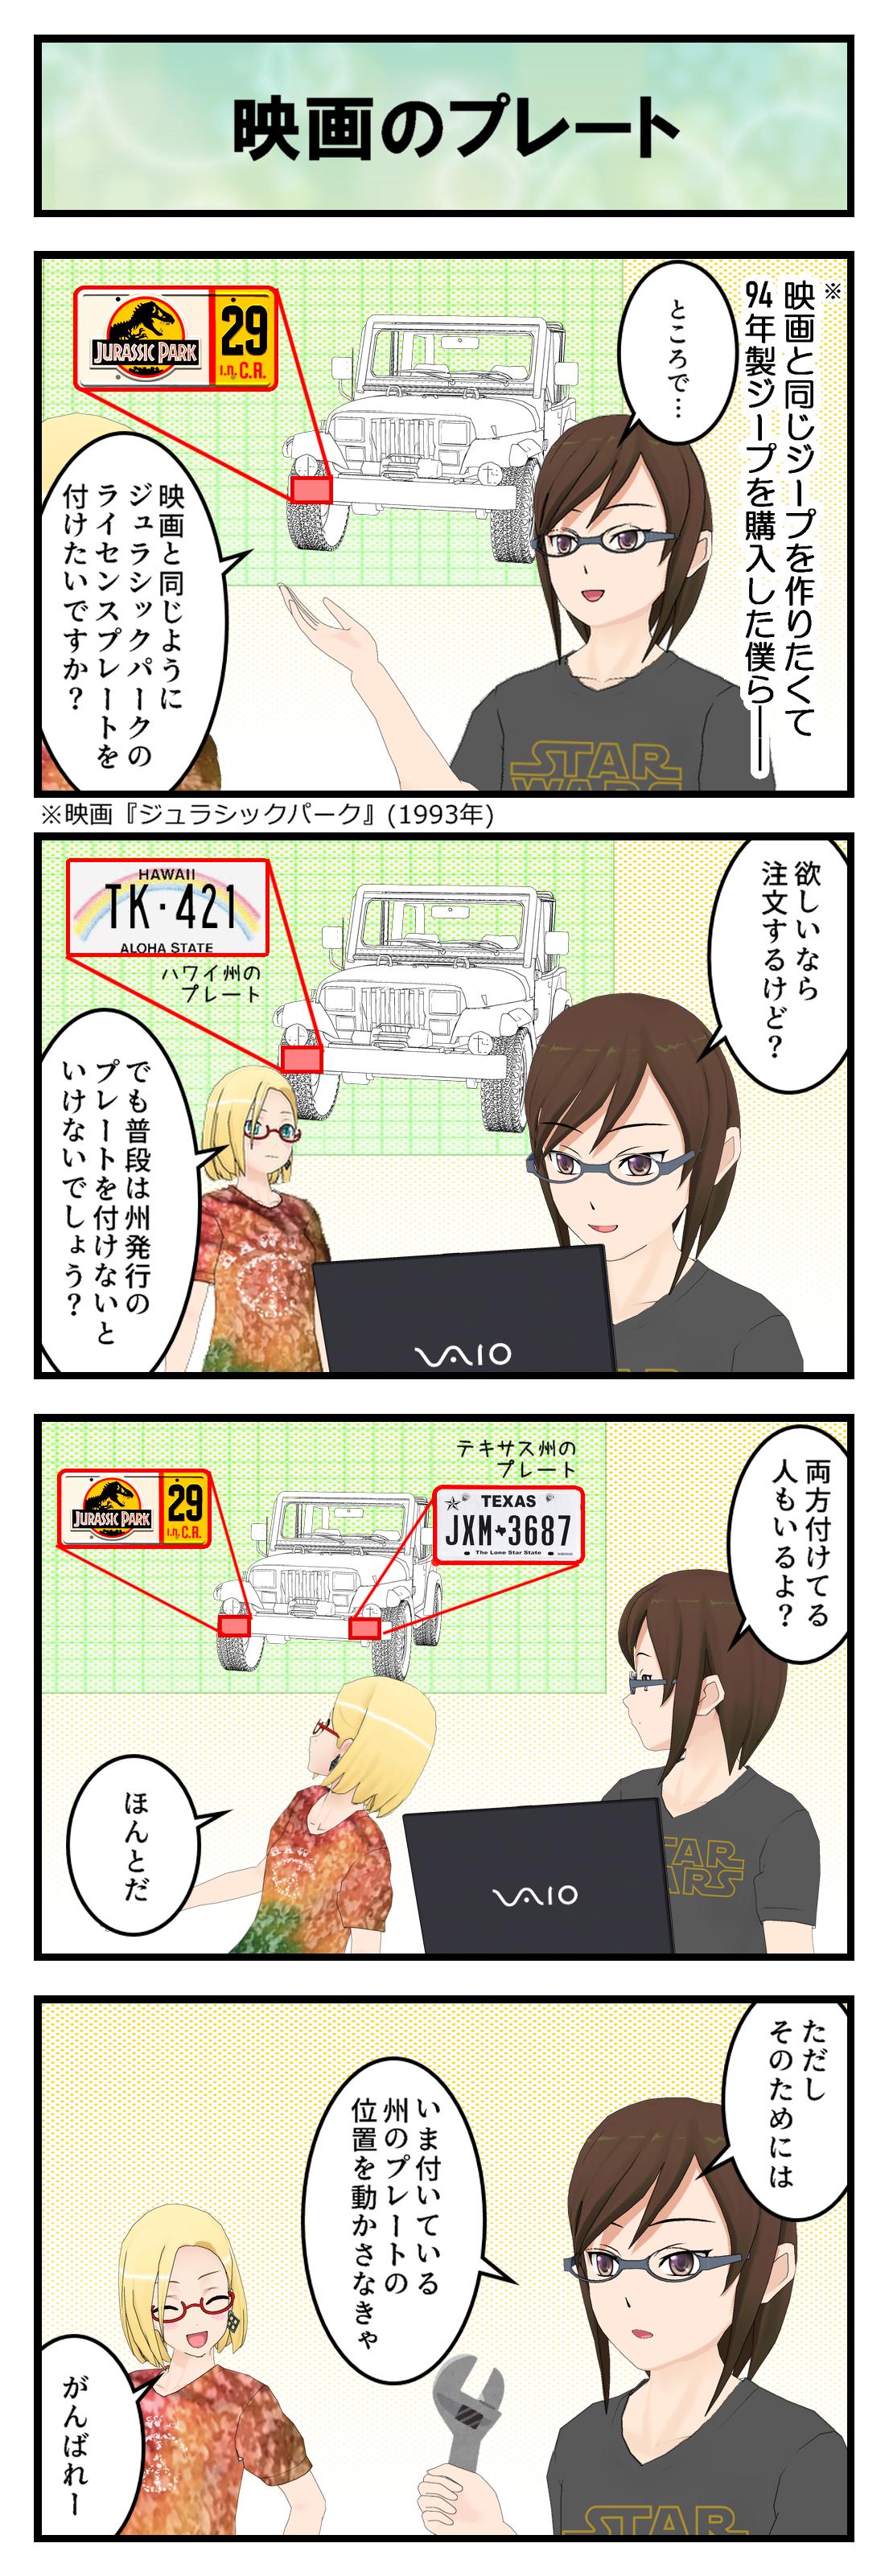 R776_ライセンスプレート_001